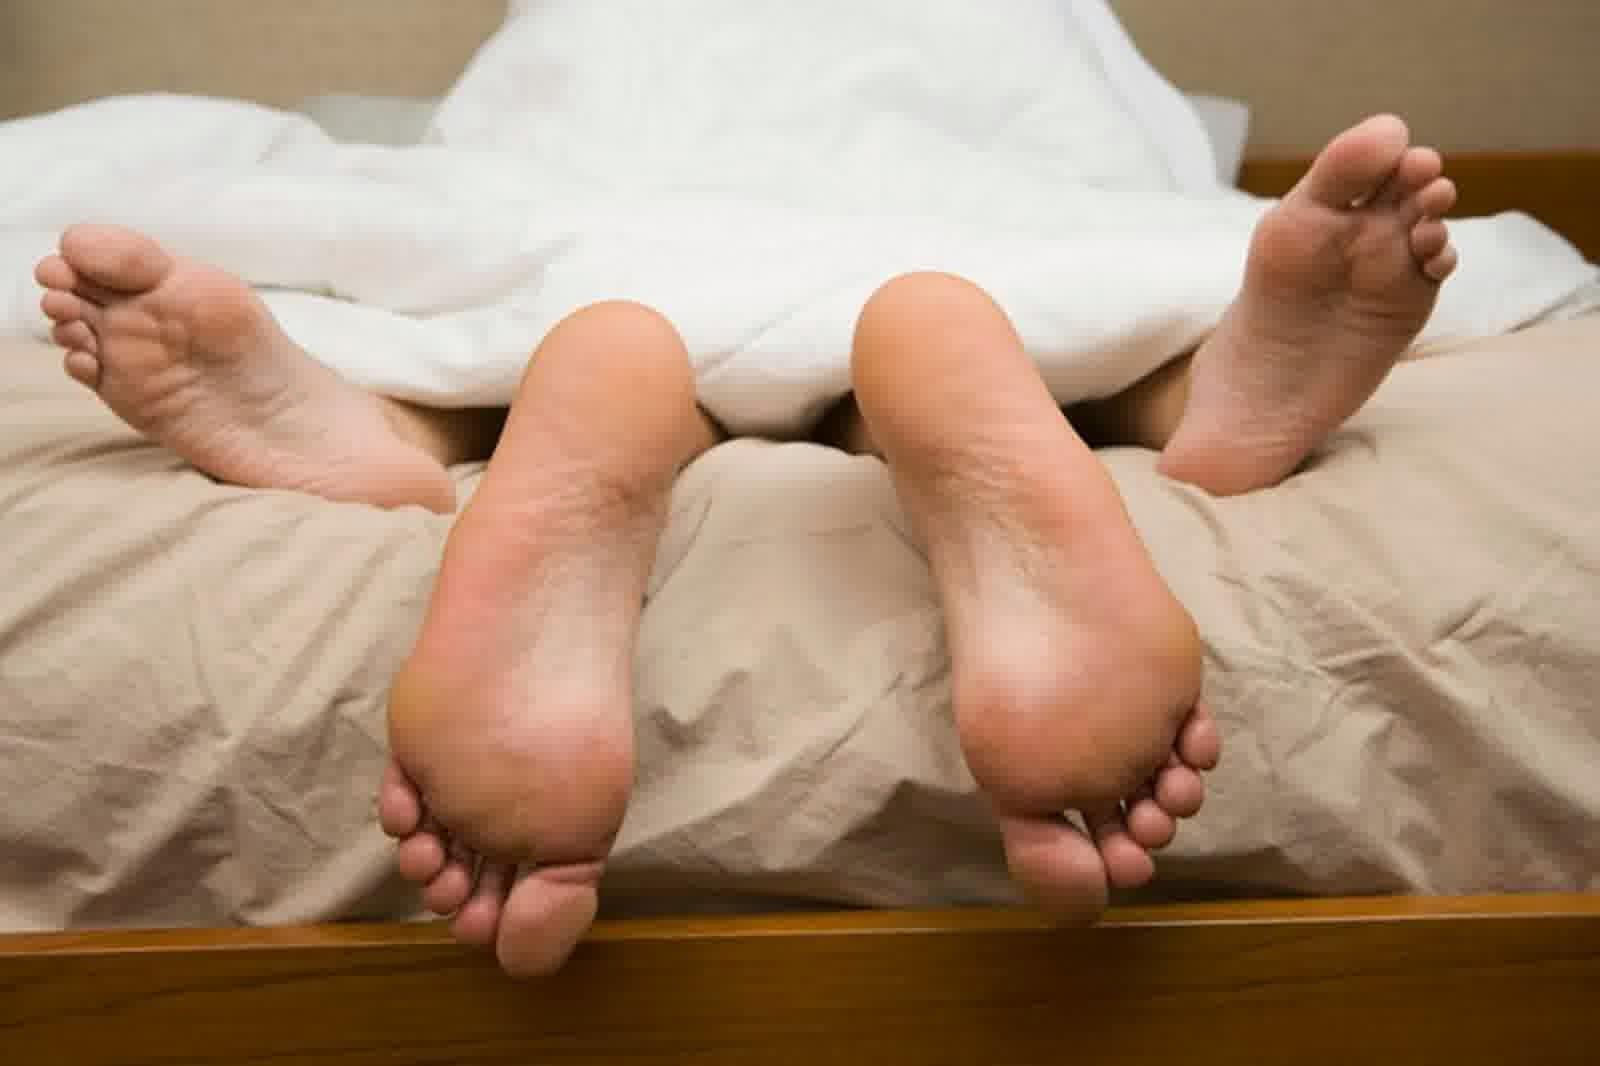 Penyakit Ini Bisa Disembuhkan Melalui Aktifitas Seks